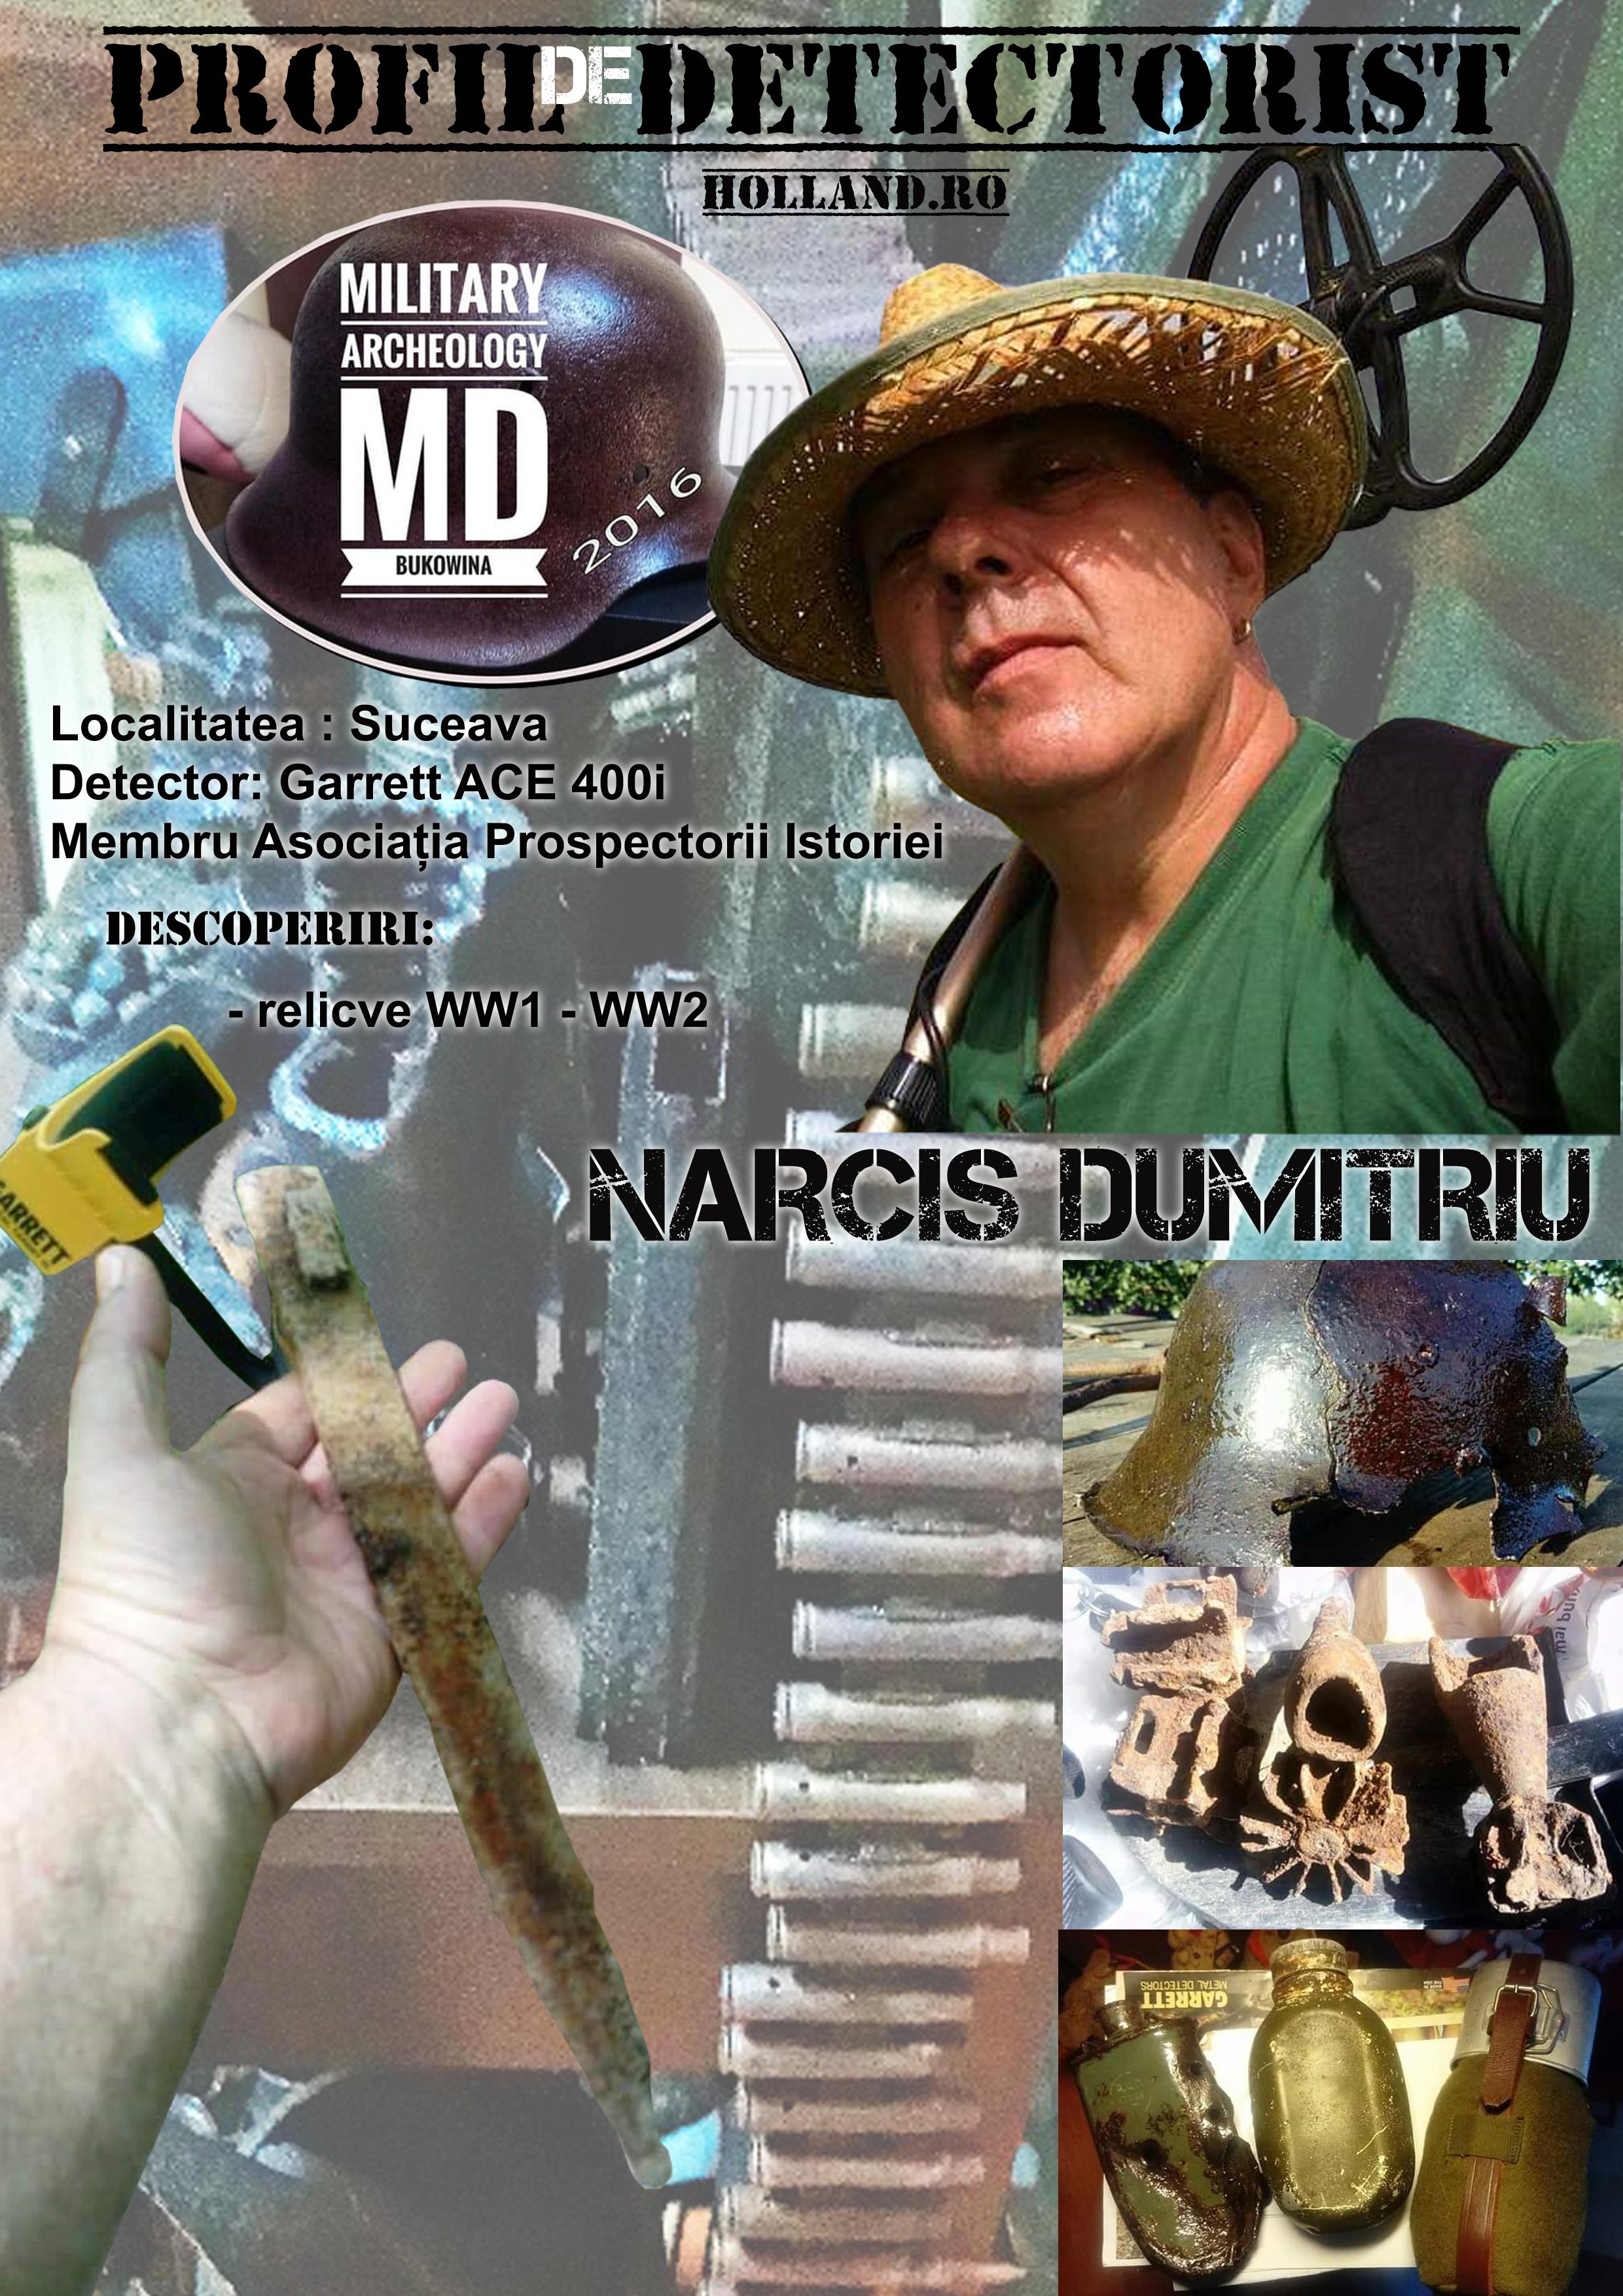 Profil de Detectorist – Narcis Dumitriu